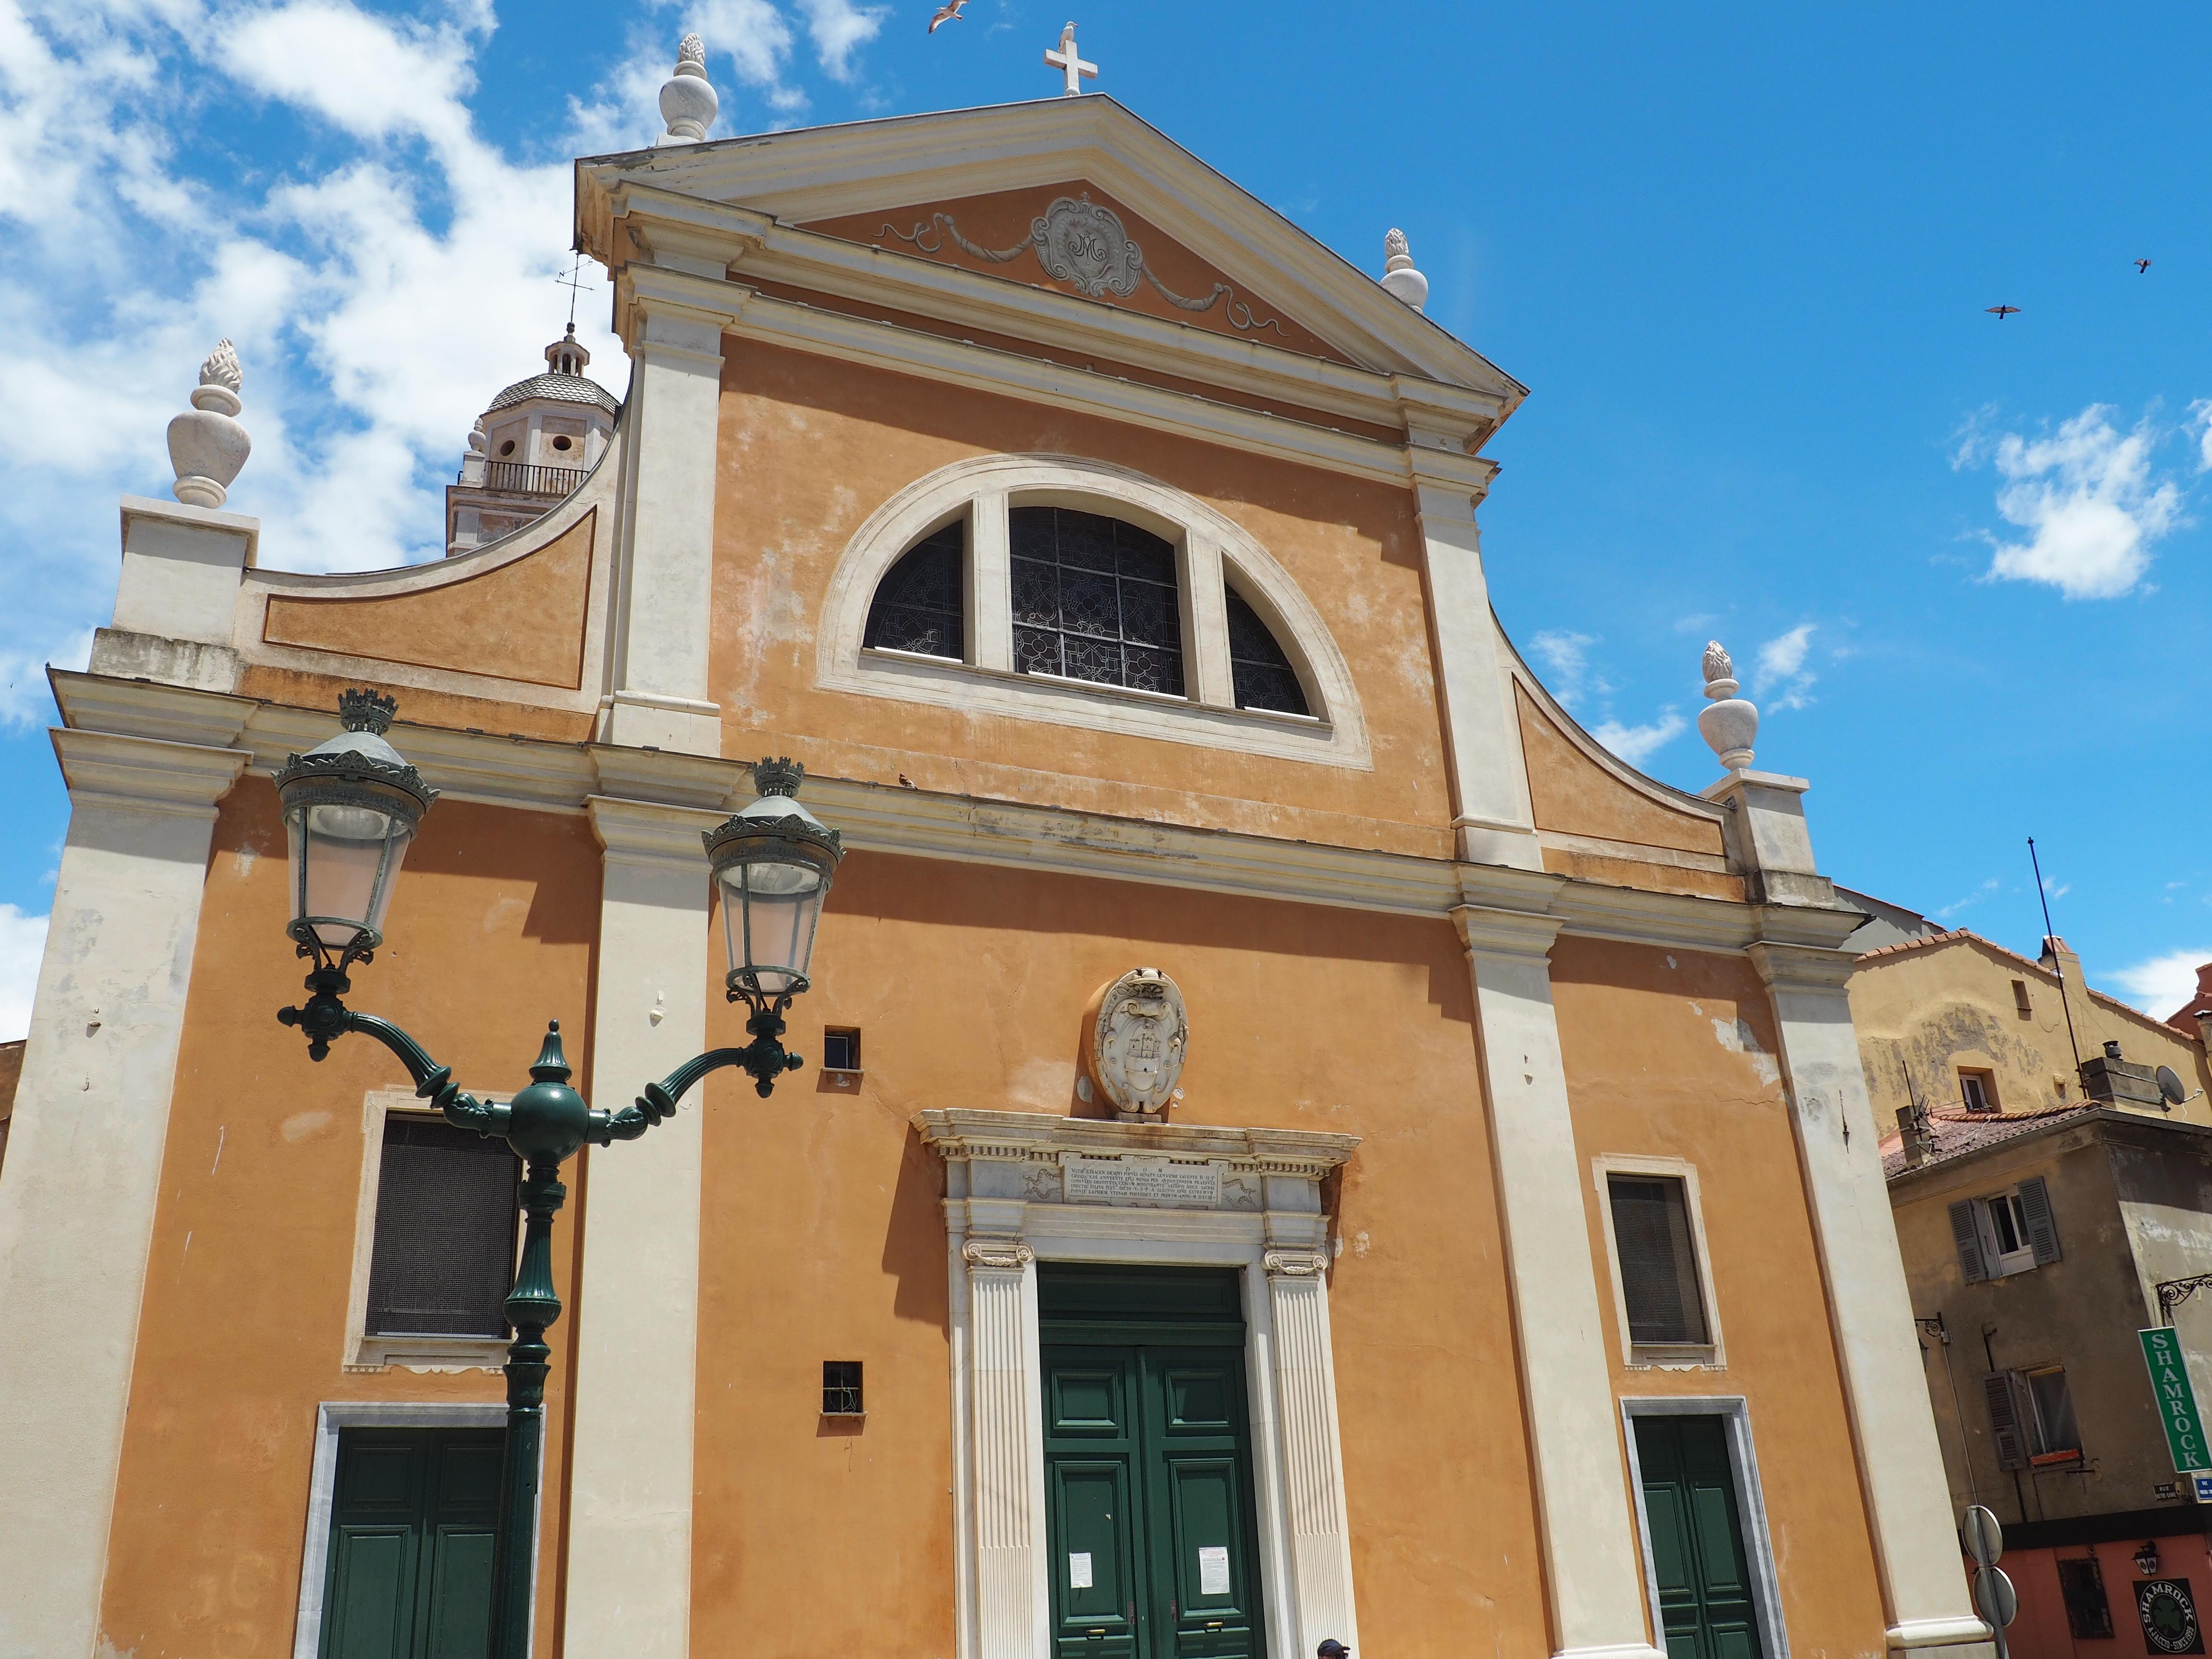 Kathedrale Notre-Dame-de-l'Assomption, eine kleine, aber wunderschöne Kathedrale in Ajaccio, der Hauptstadt von Korsika